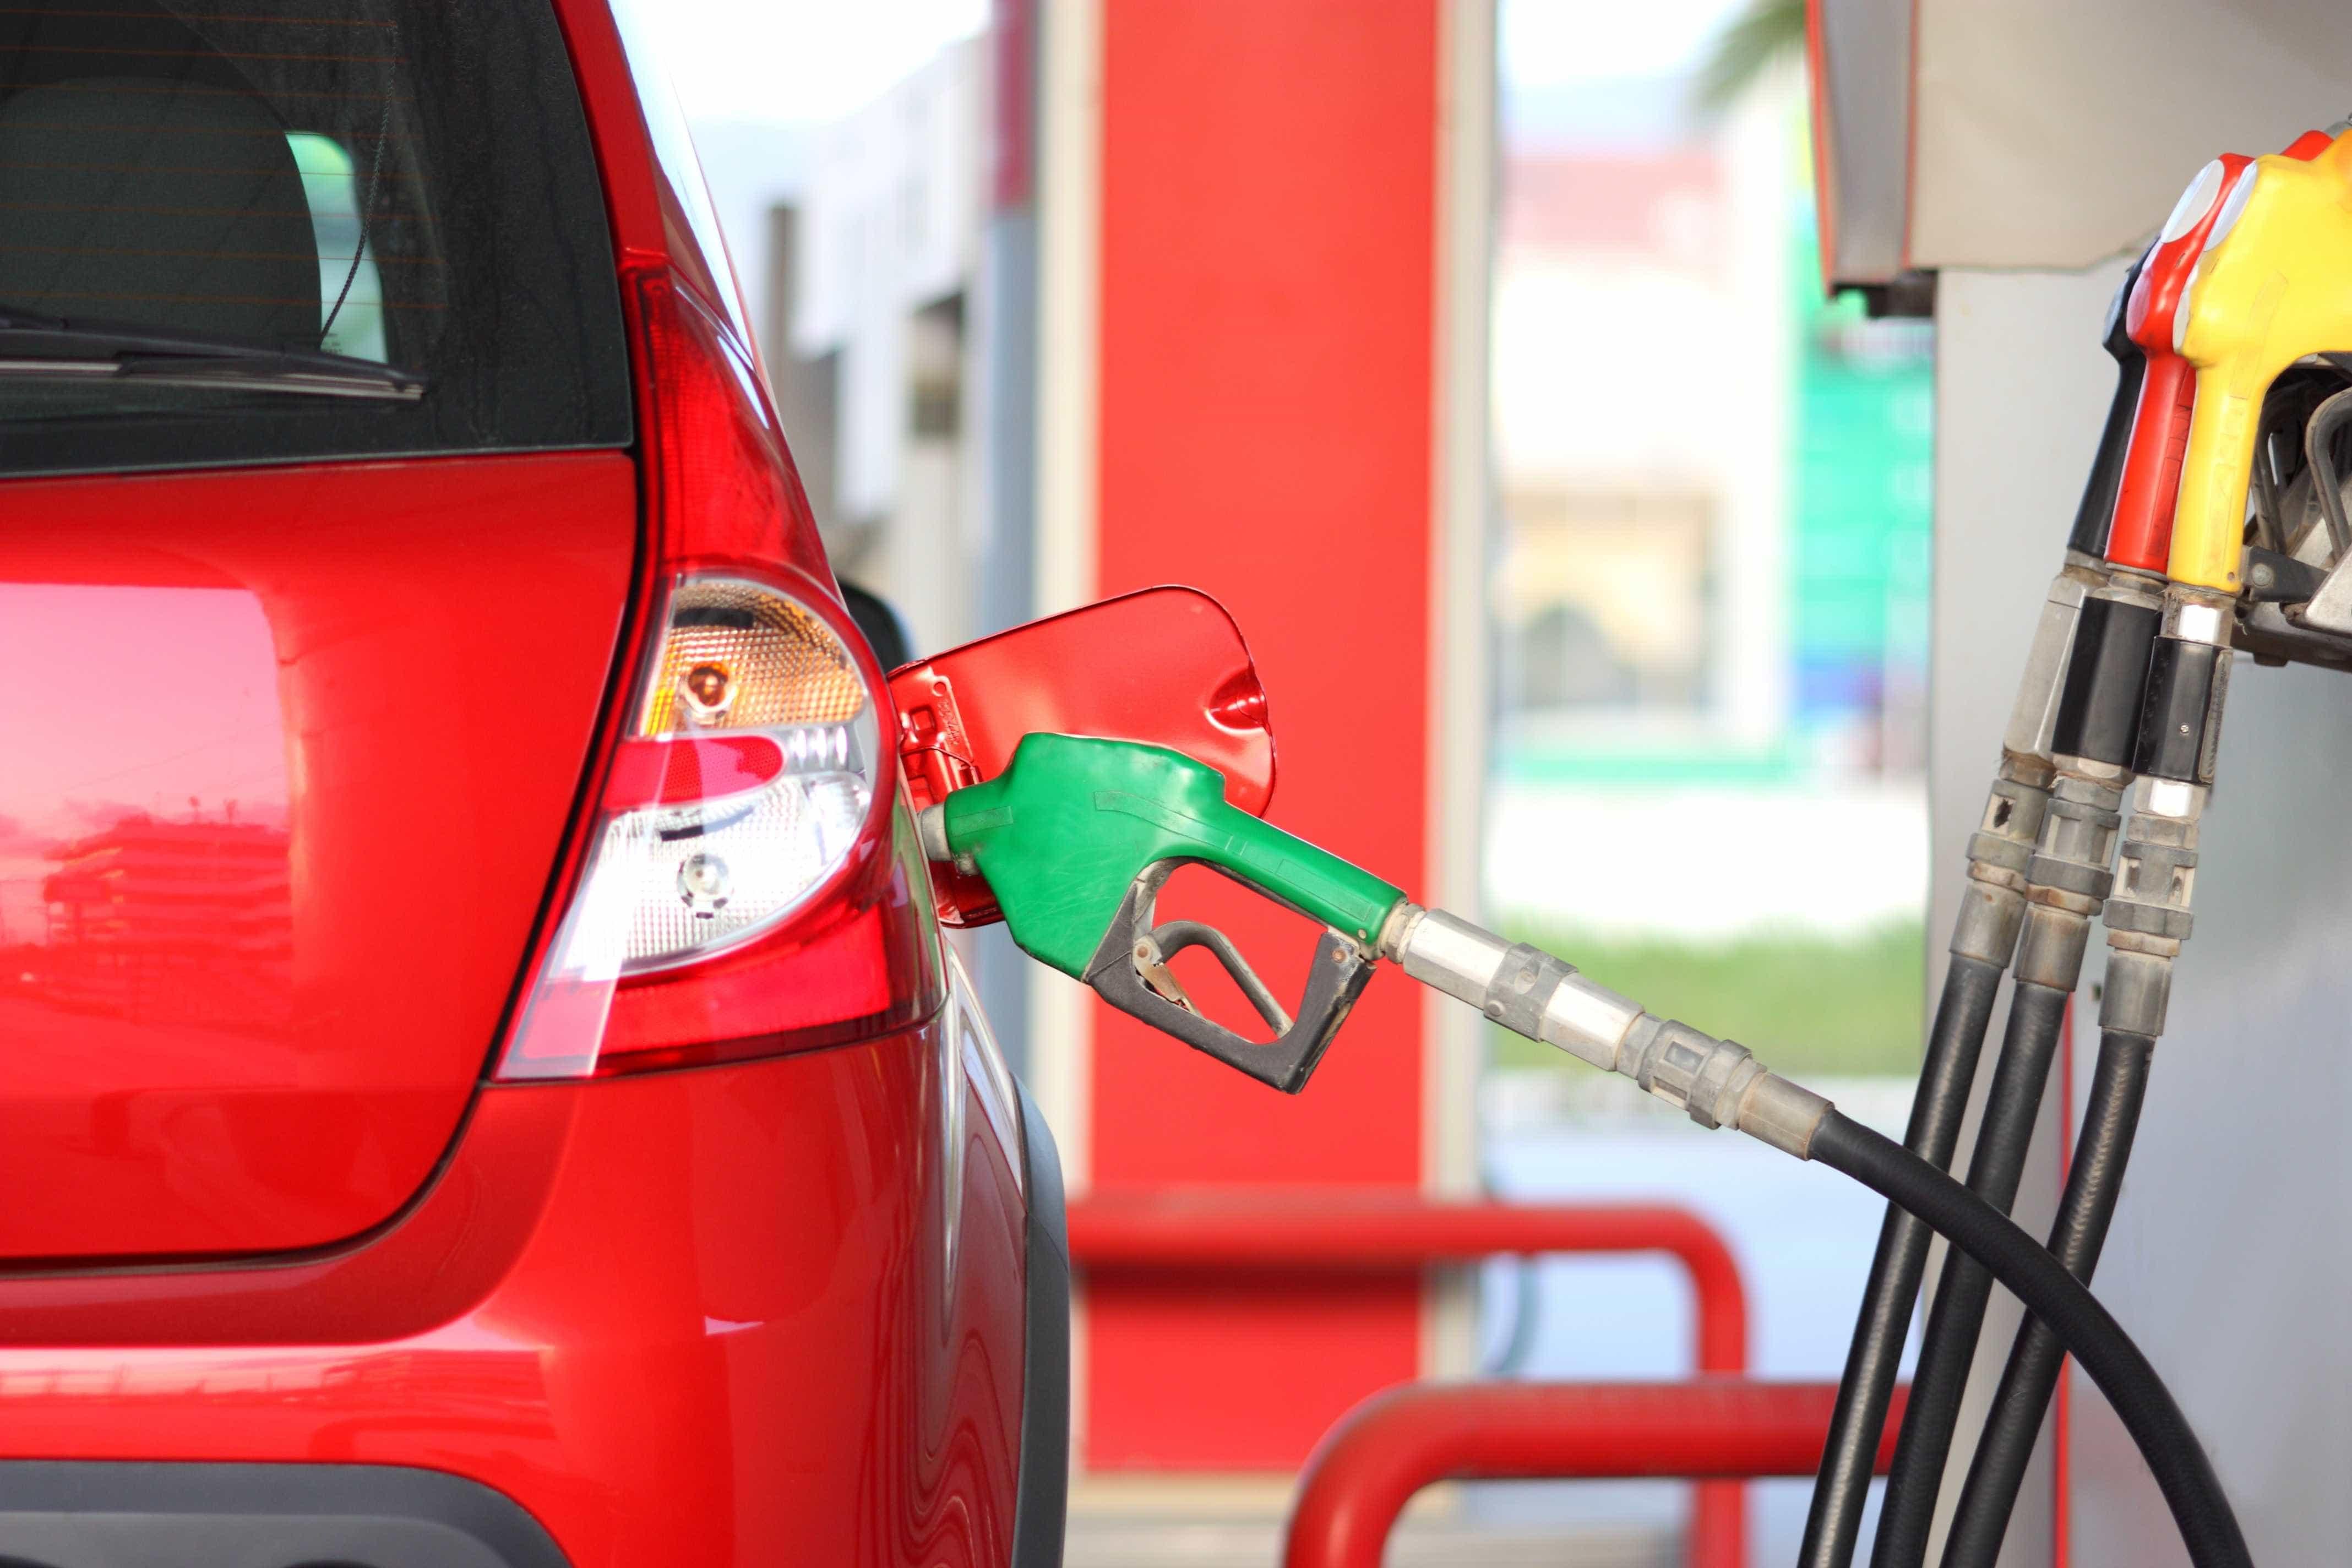 Gasóleo e gasolina estão mais caros, mas 'aqui' custam menos